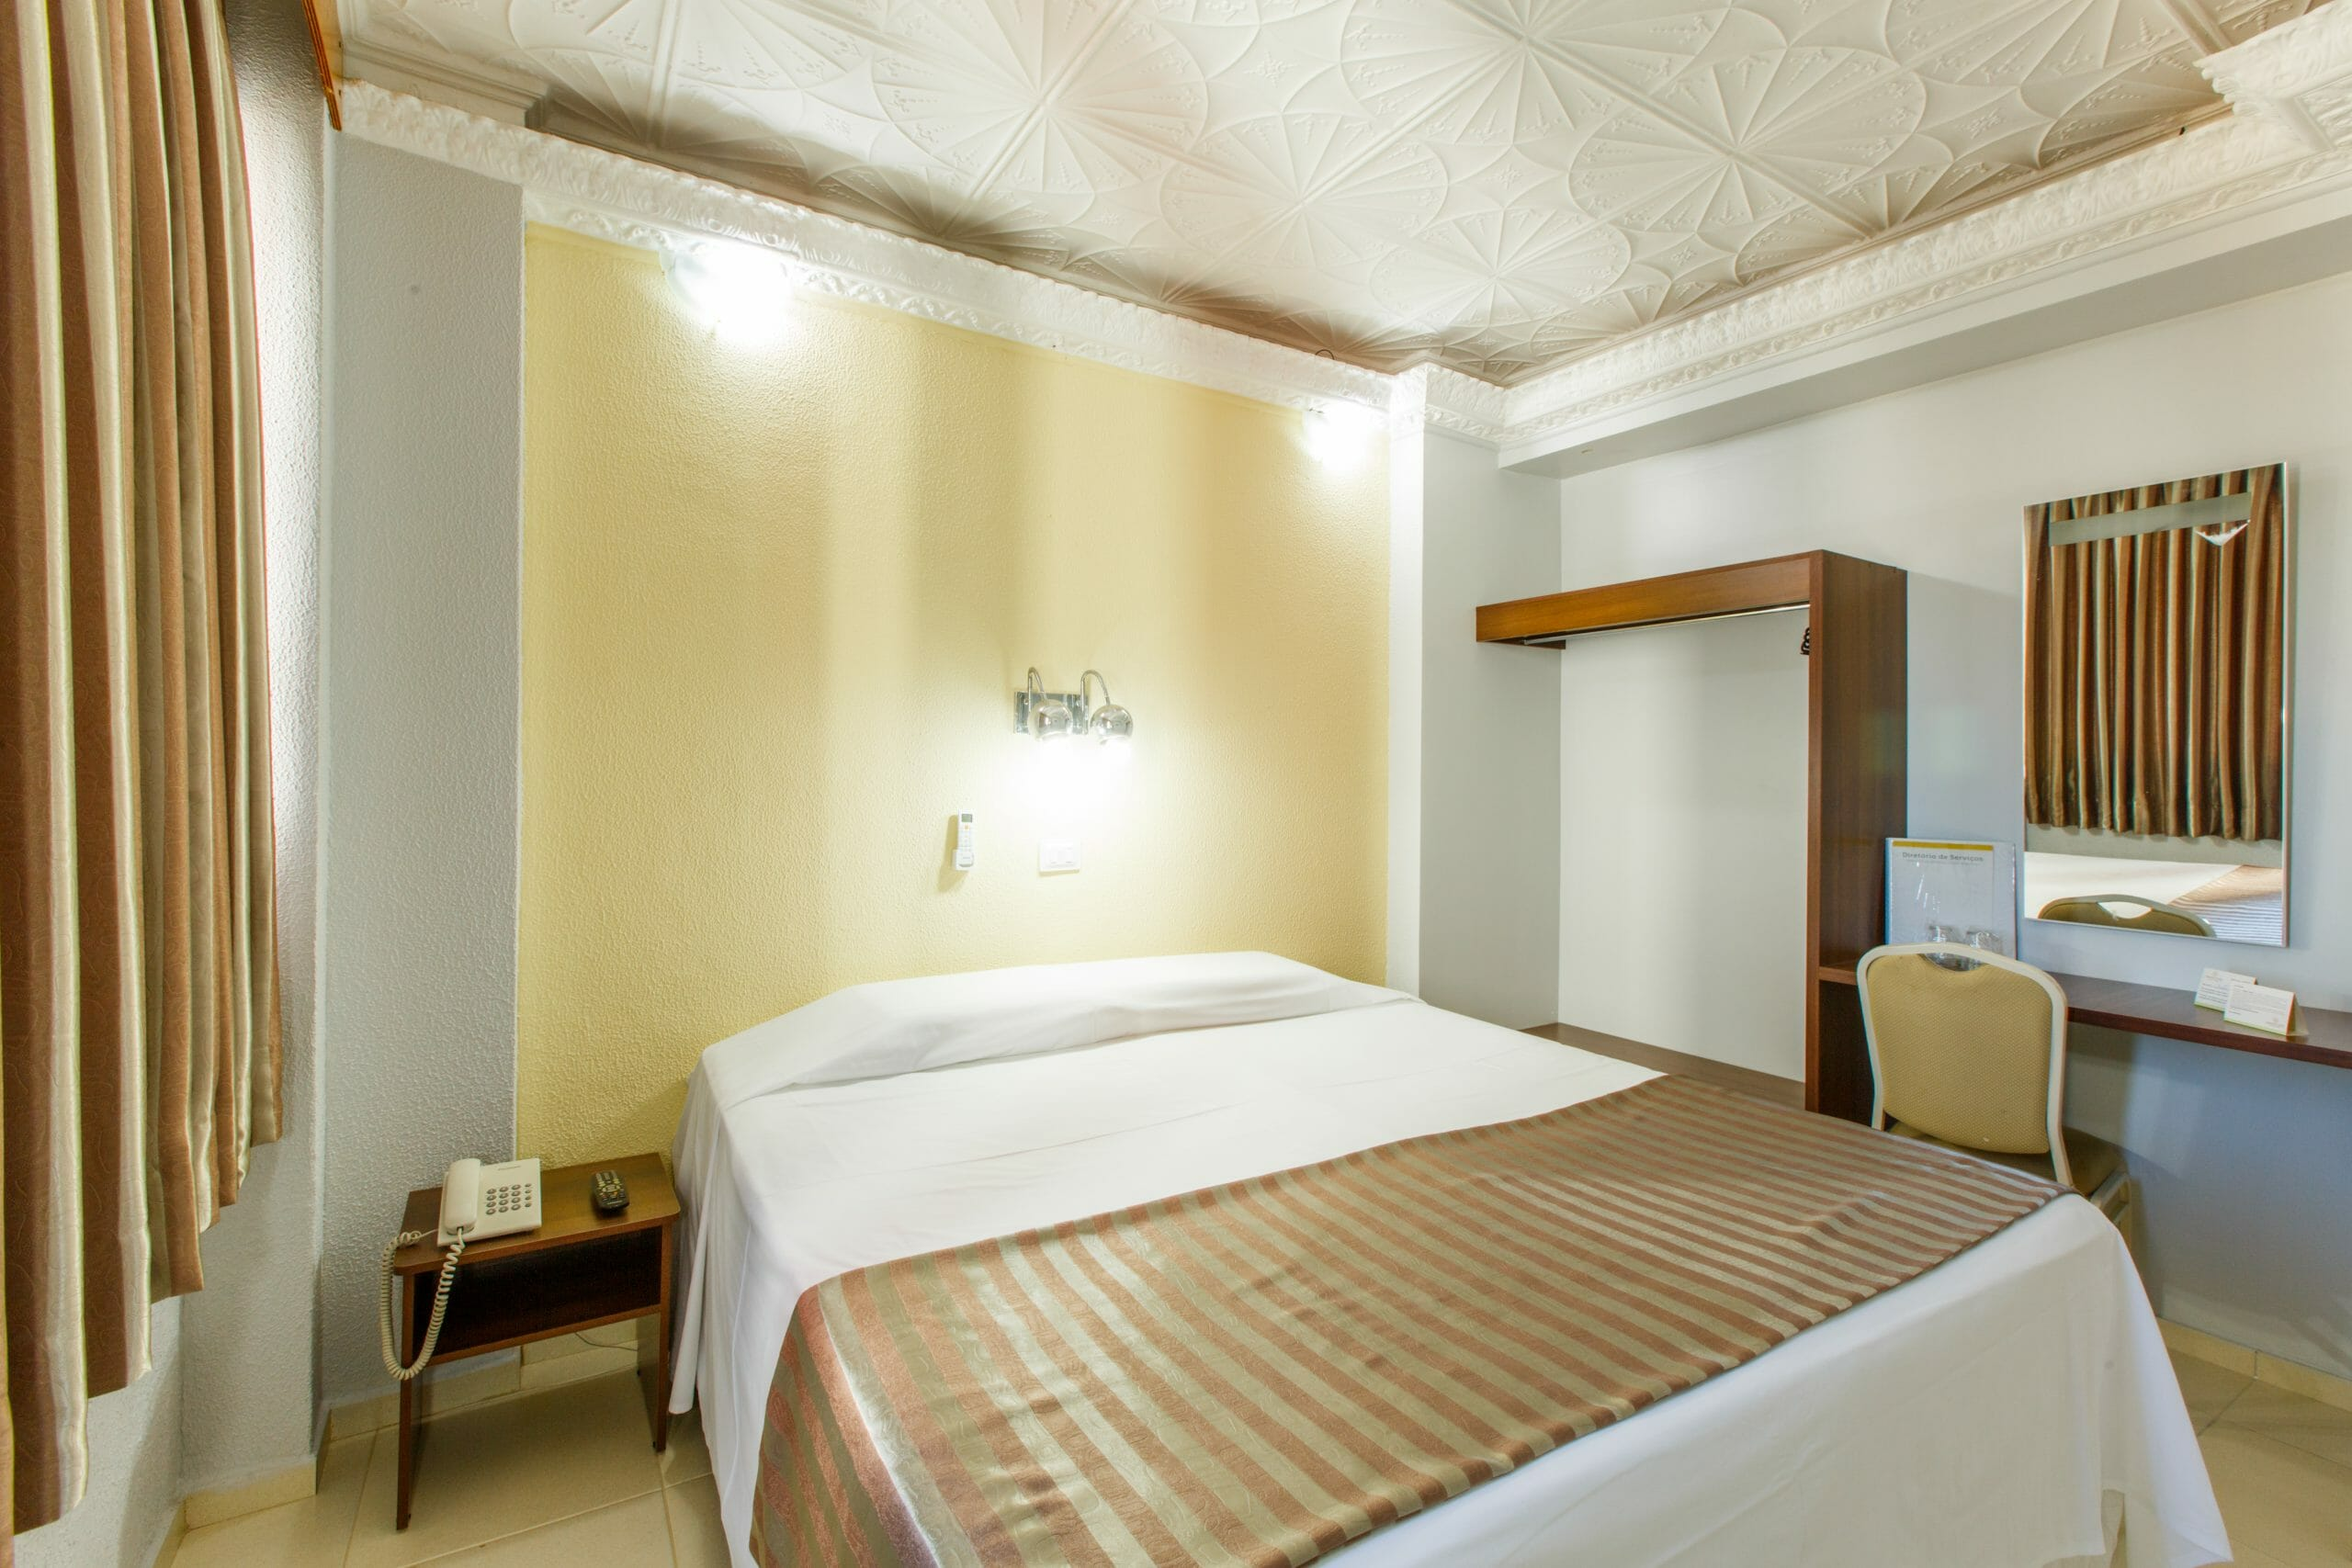 Procurando por hotel no centro de Foz do Iguaçu? O Mirante Hotel é a sua melhor opção! apartamento de casal